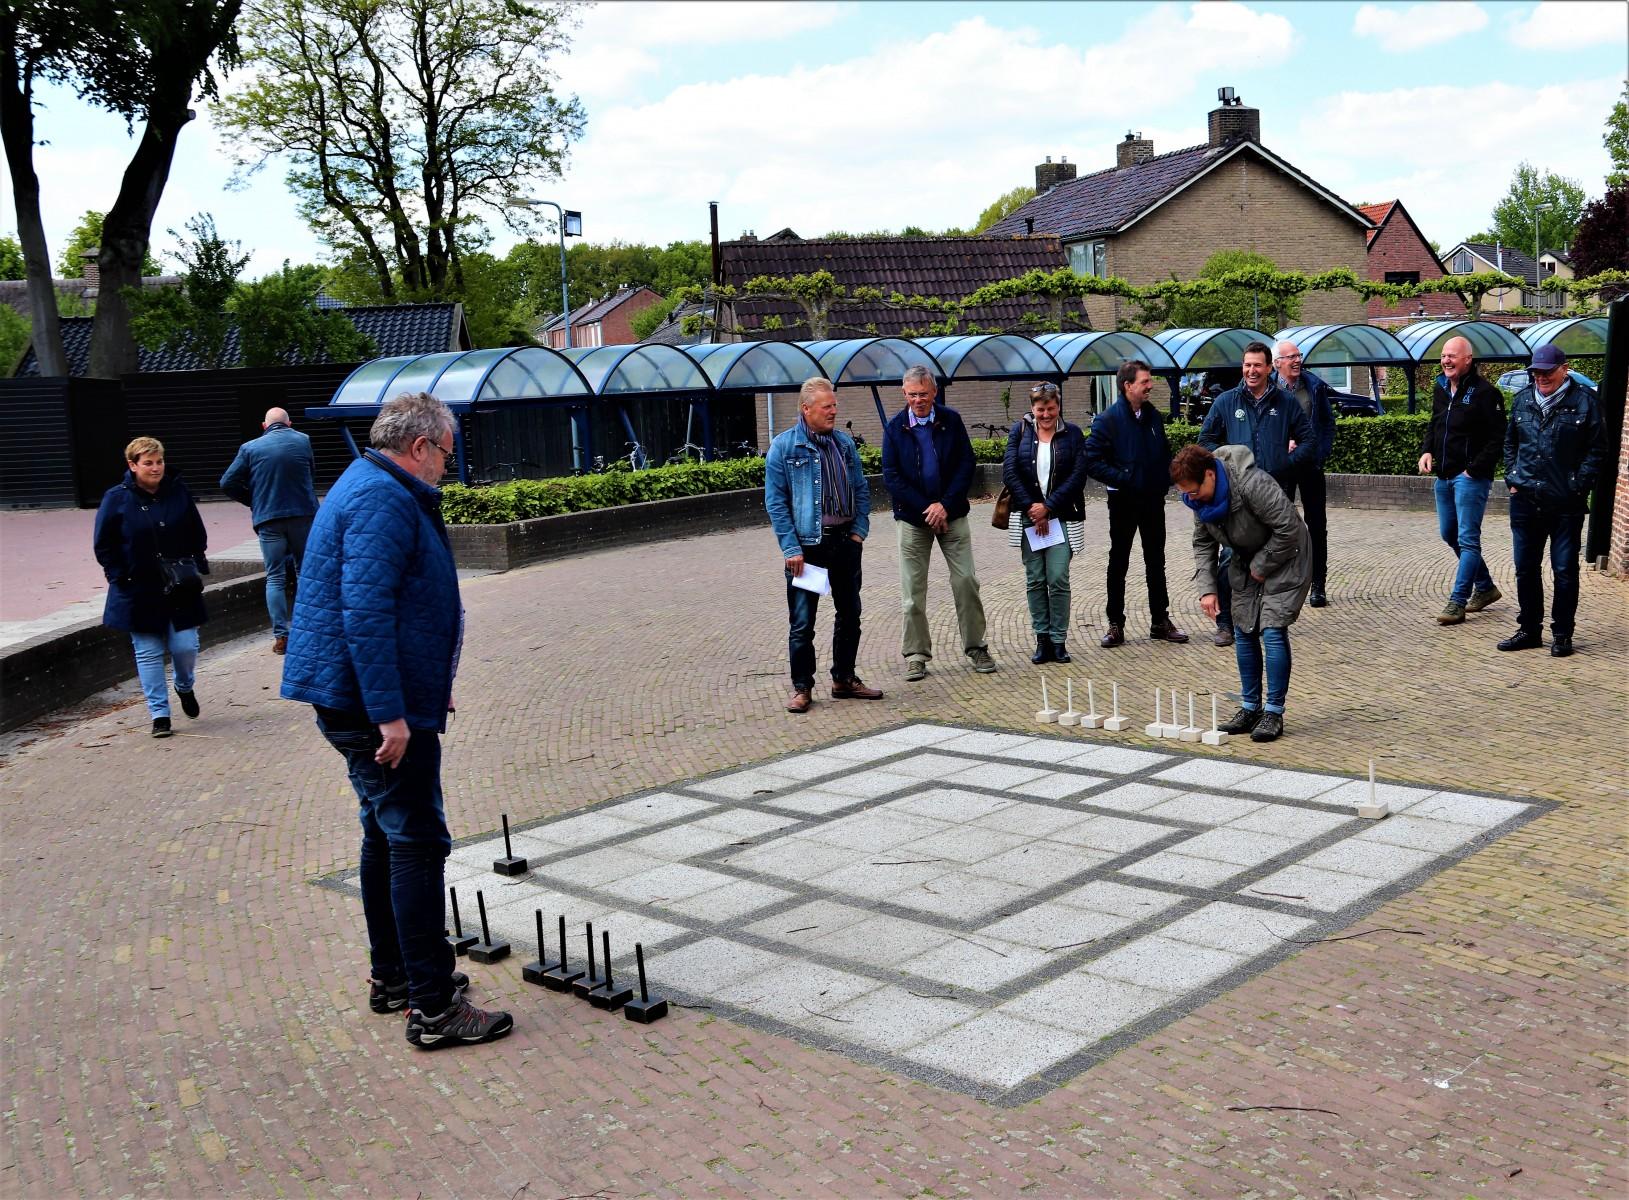 Foto van de spelers van het molenspel bij de molen Jan Pol in Dalen, 2019.